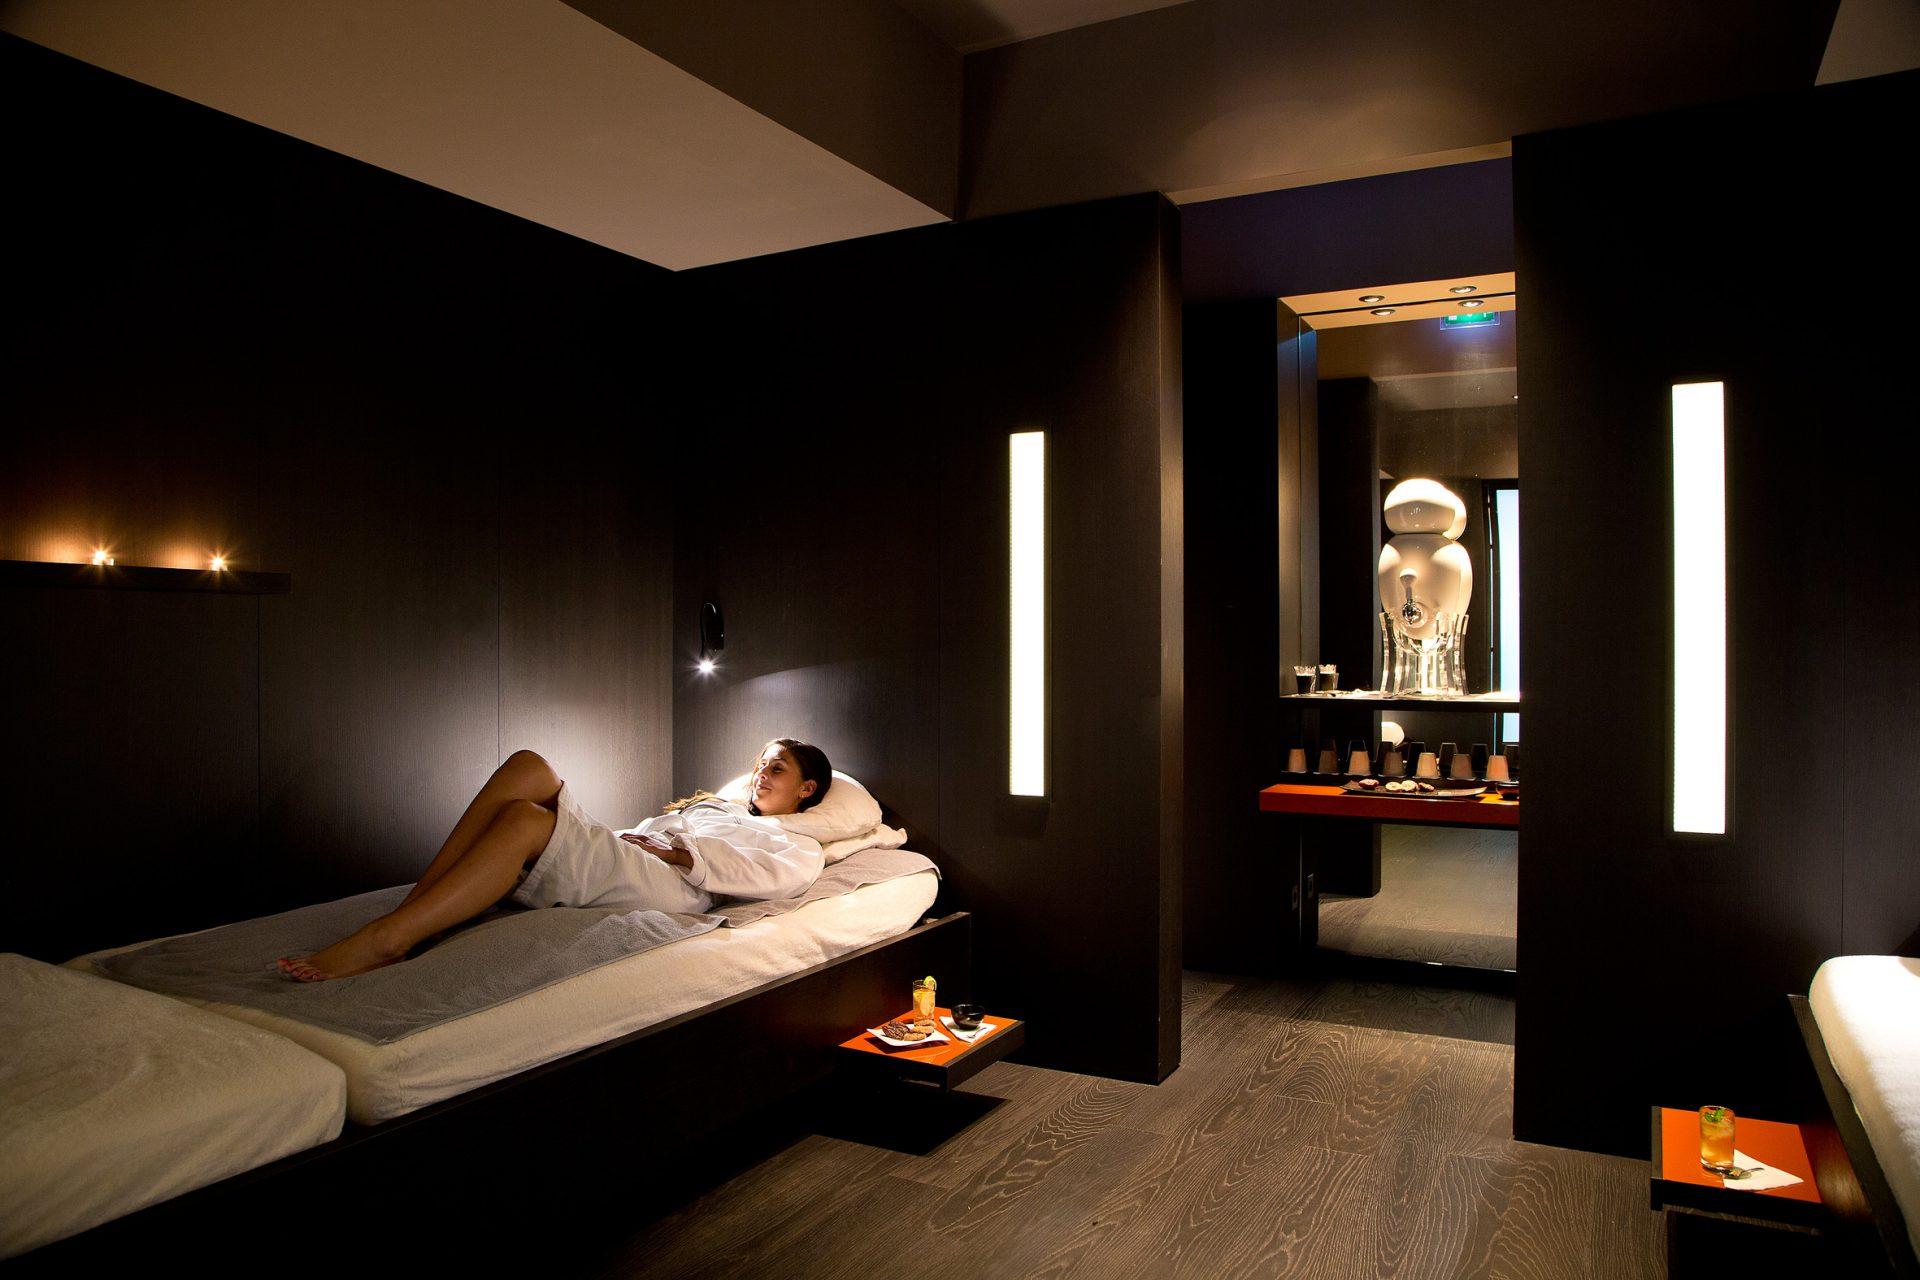 Quels sont vos besoins nous avons des solutions durables for Design hotel spa